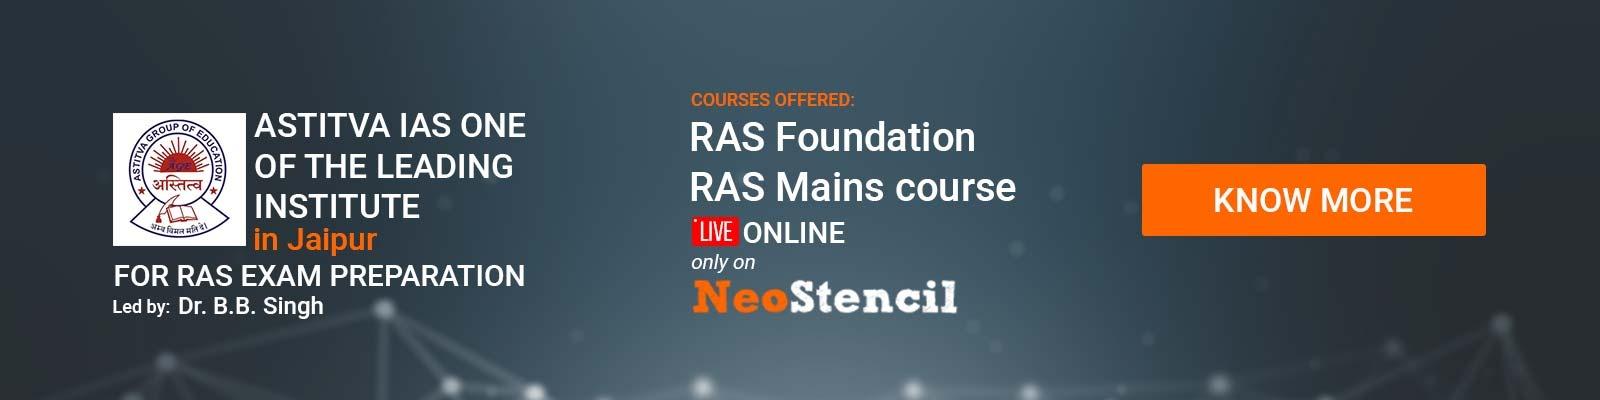 RAS online coaching RPSC Astitva IAS B B Singh